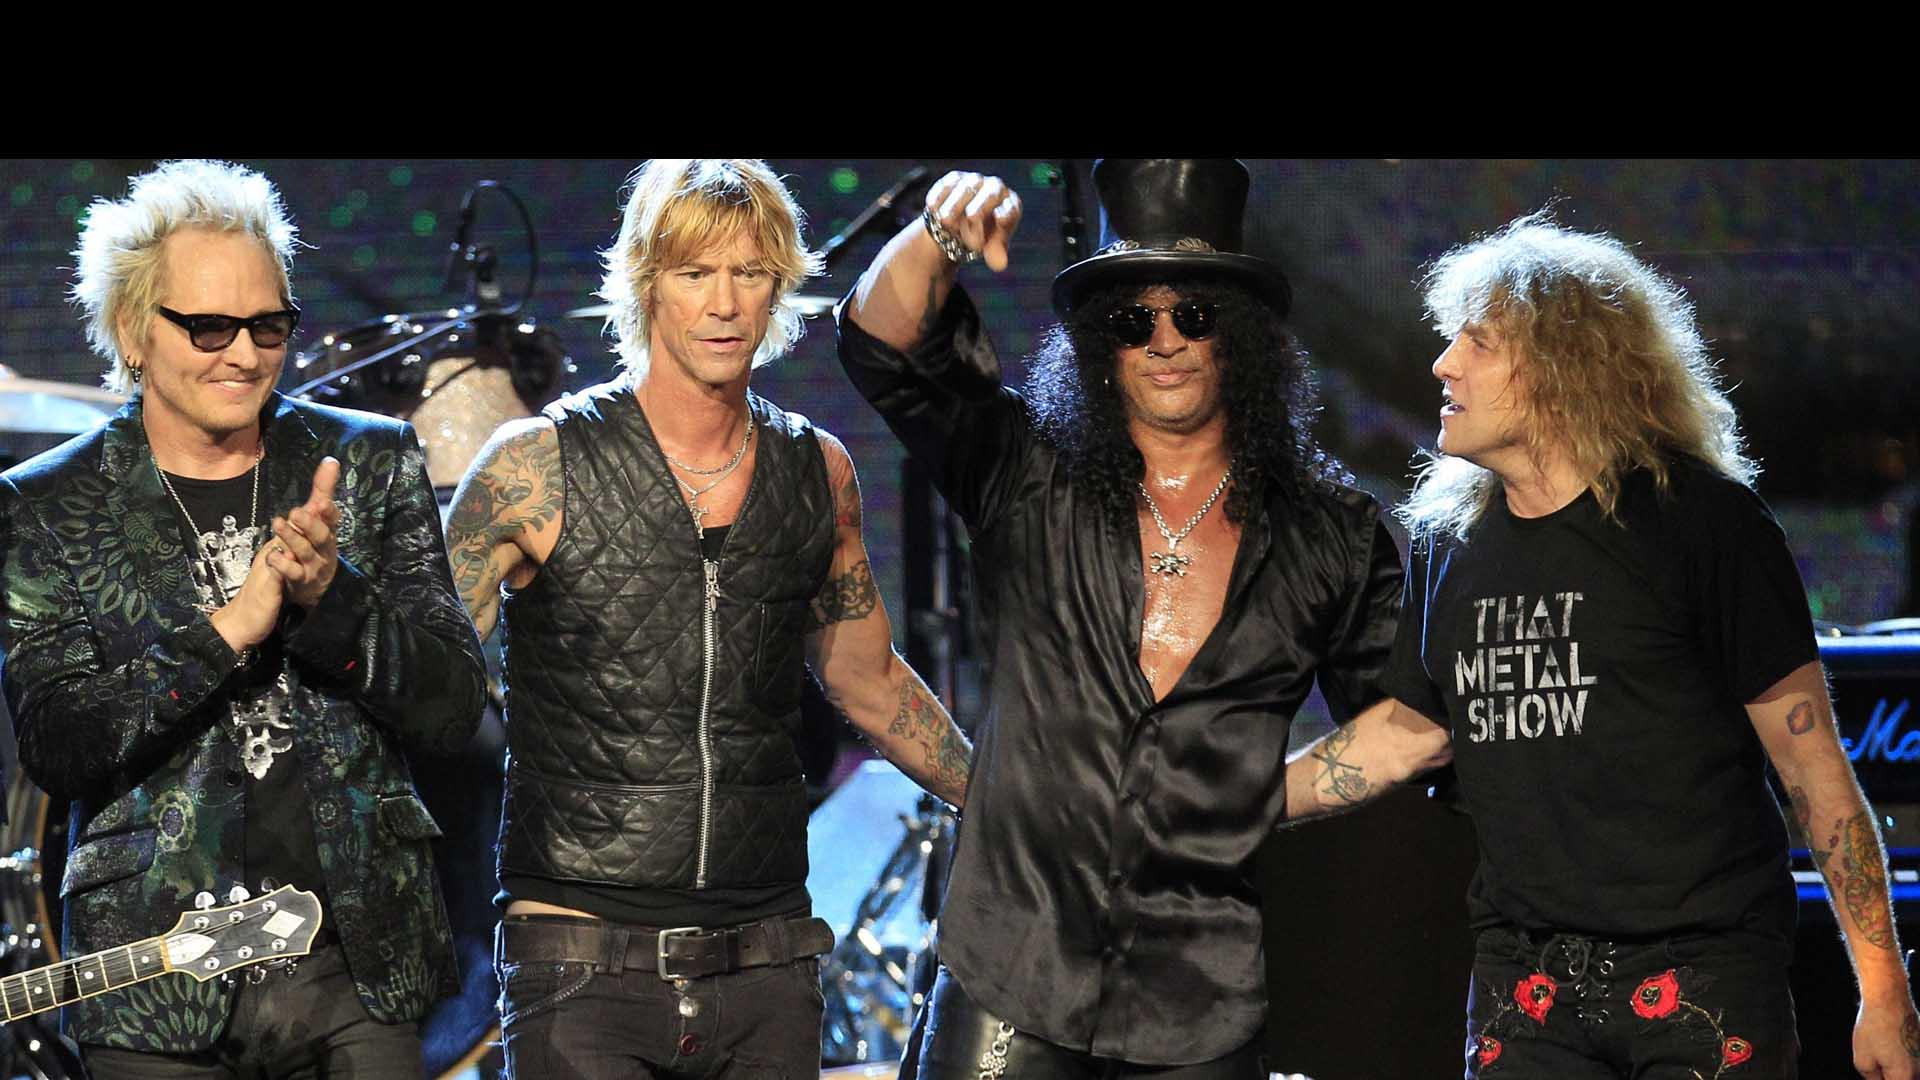 Tras el anuncio en la web oficial de la banda se rumora que tocará junto a AC/DC